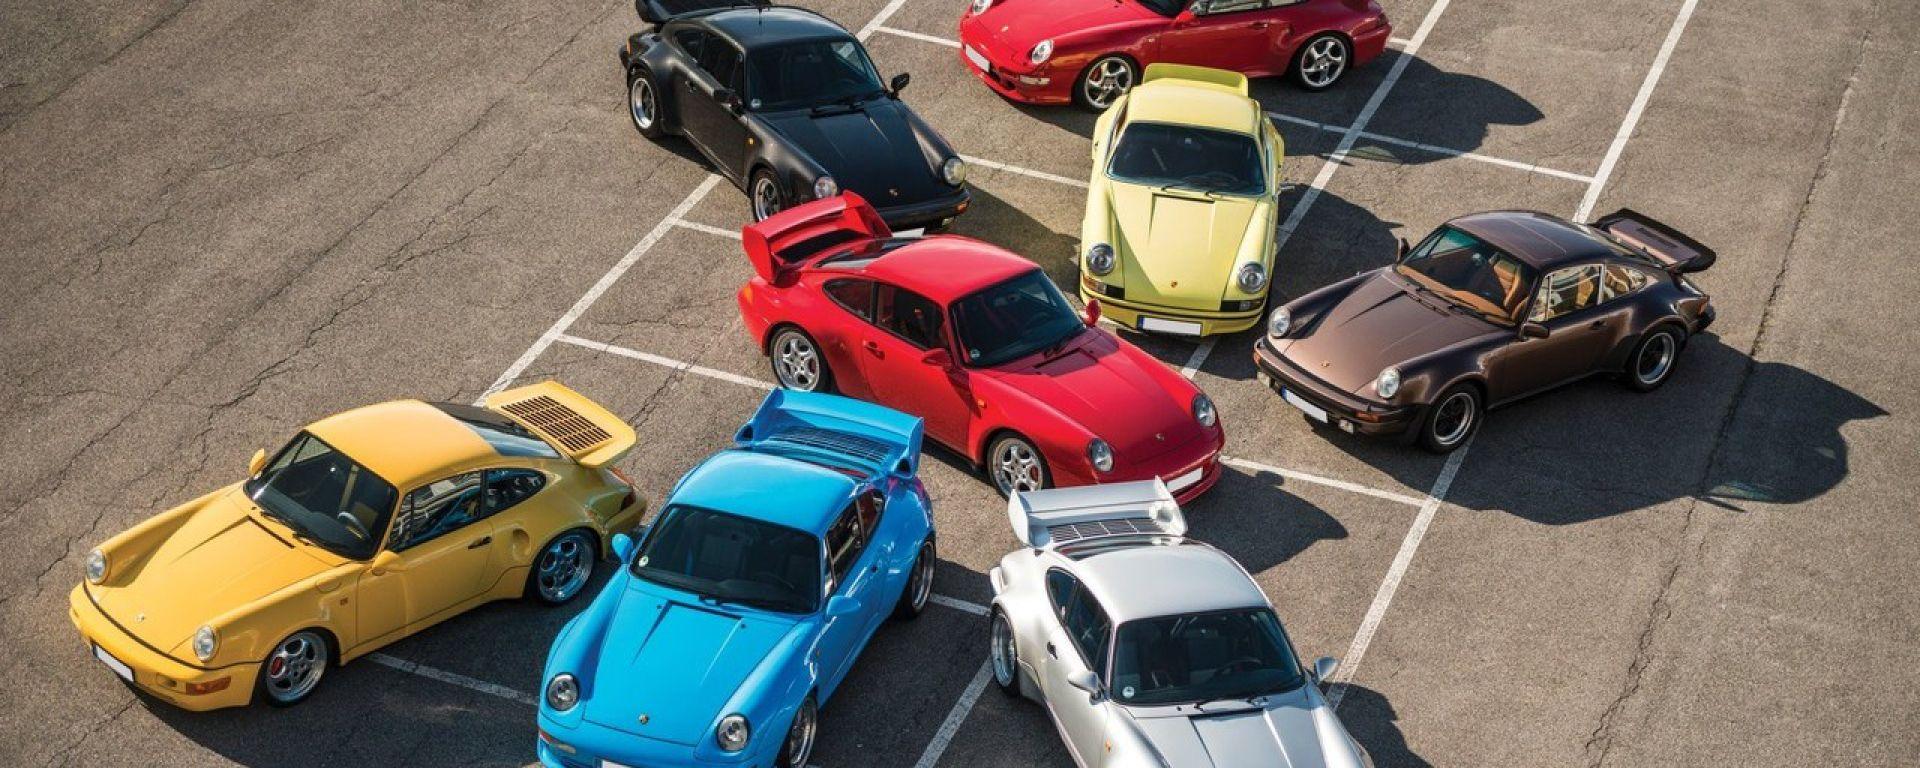 Porsche: l'asta delle meraviglie per 6,3 milioni di dollari